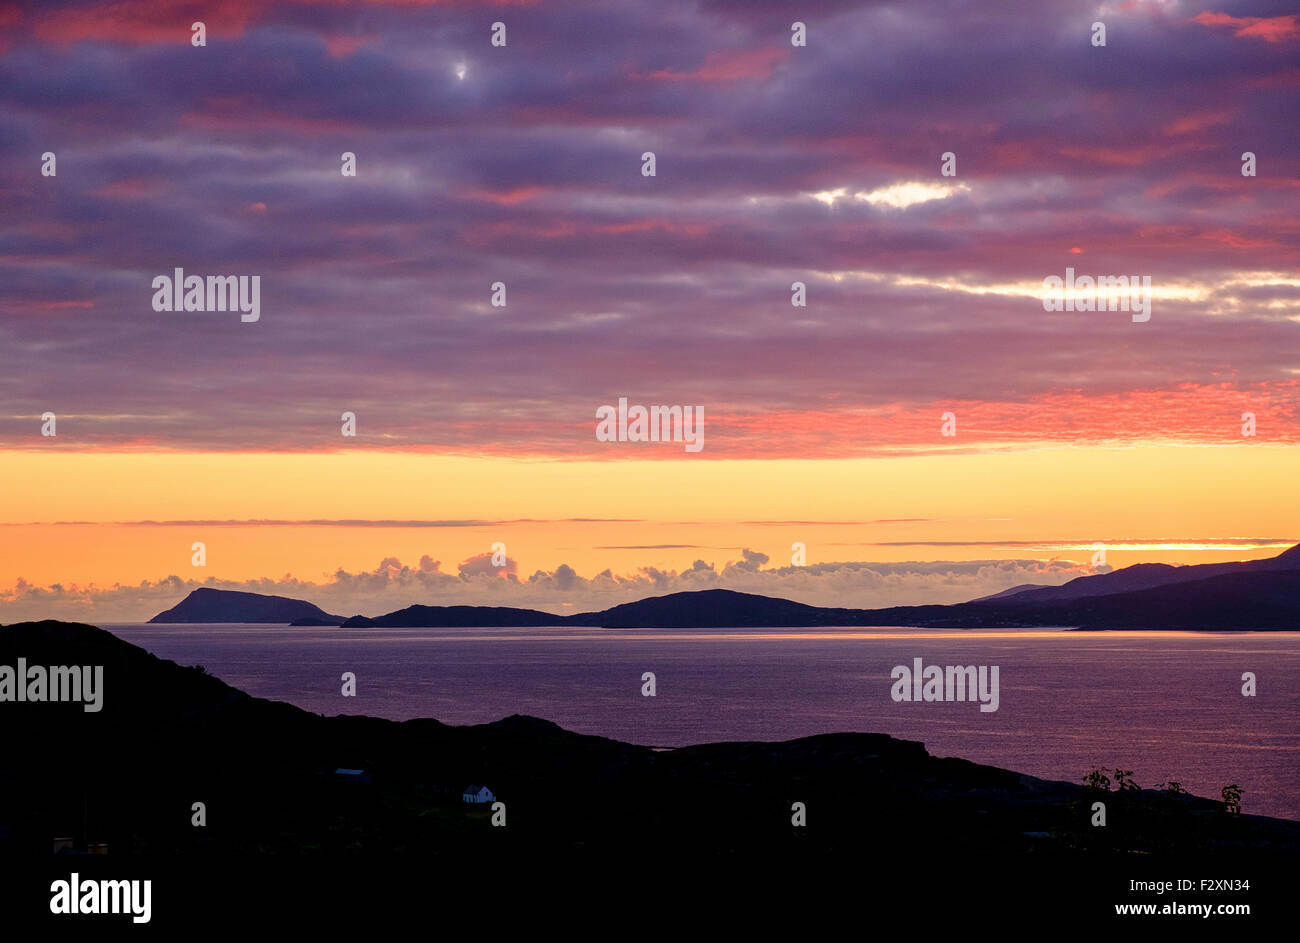 sunset beara peninsula ireland clouds headland sky - Stock Image